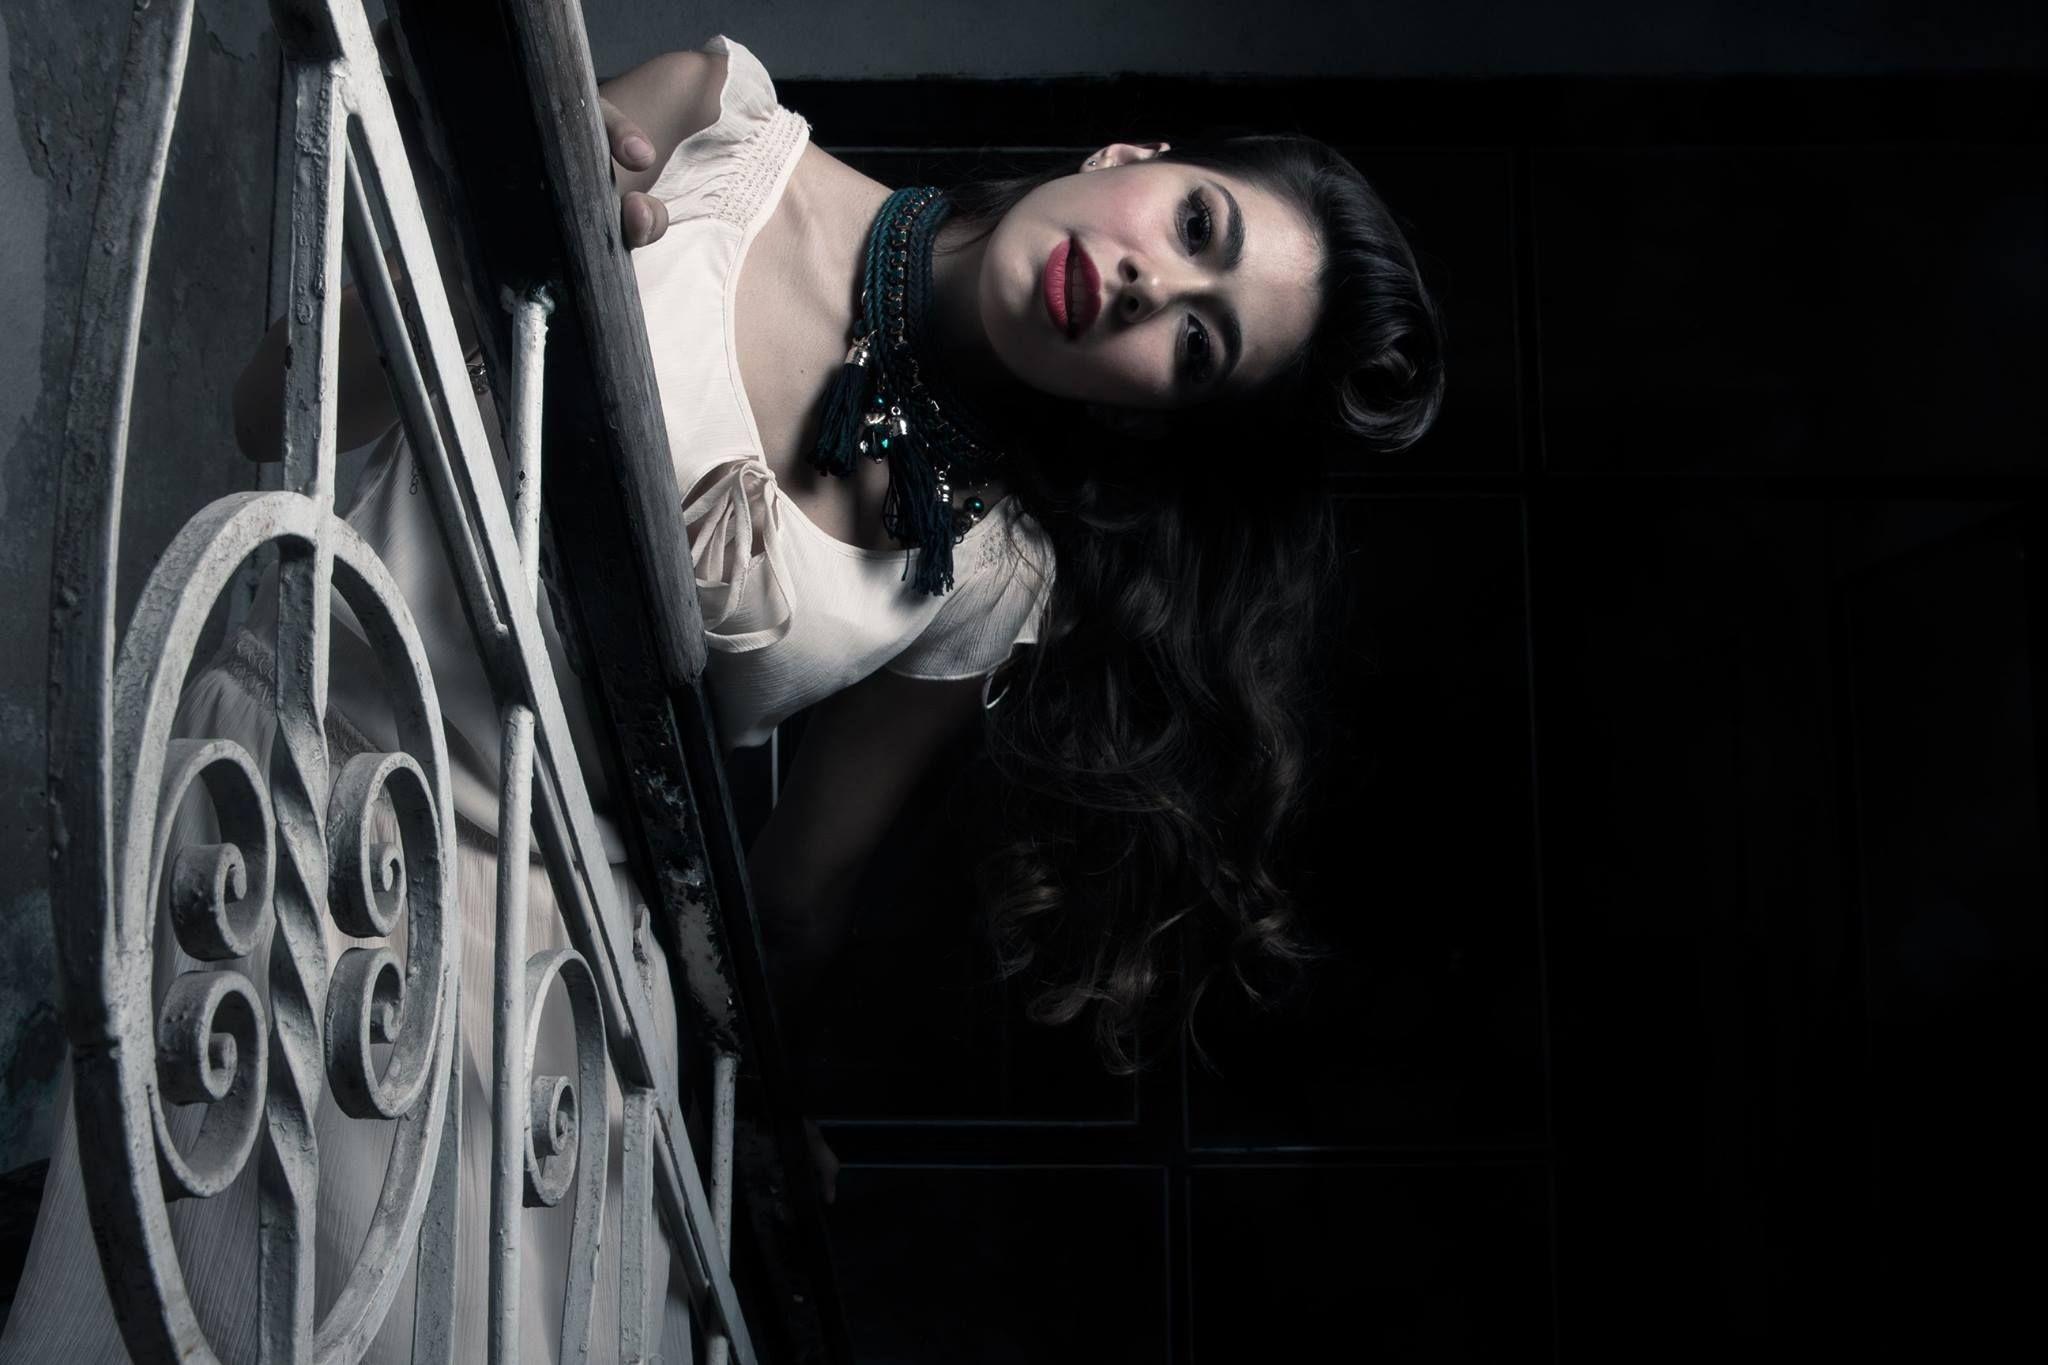 La mujer ilumina los cuartos oscuros   Sesión 1   Pinterest   Oscuro ...